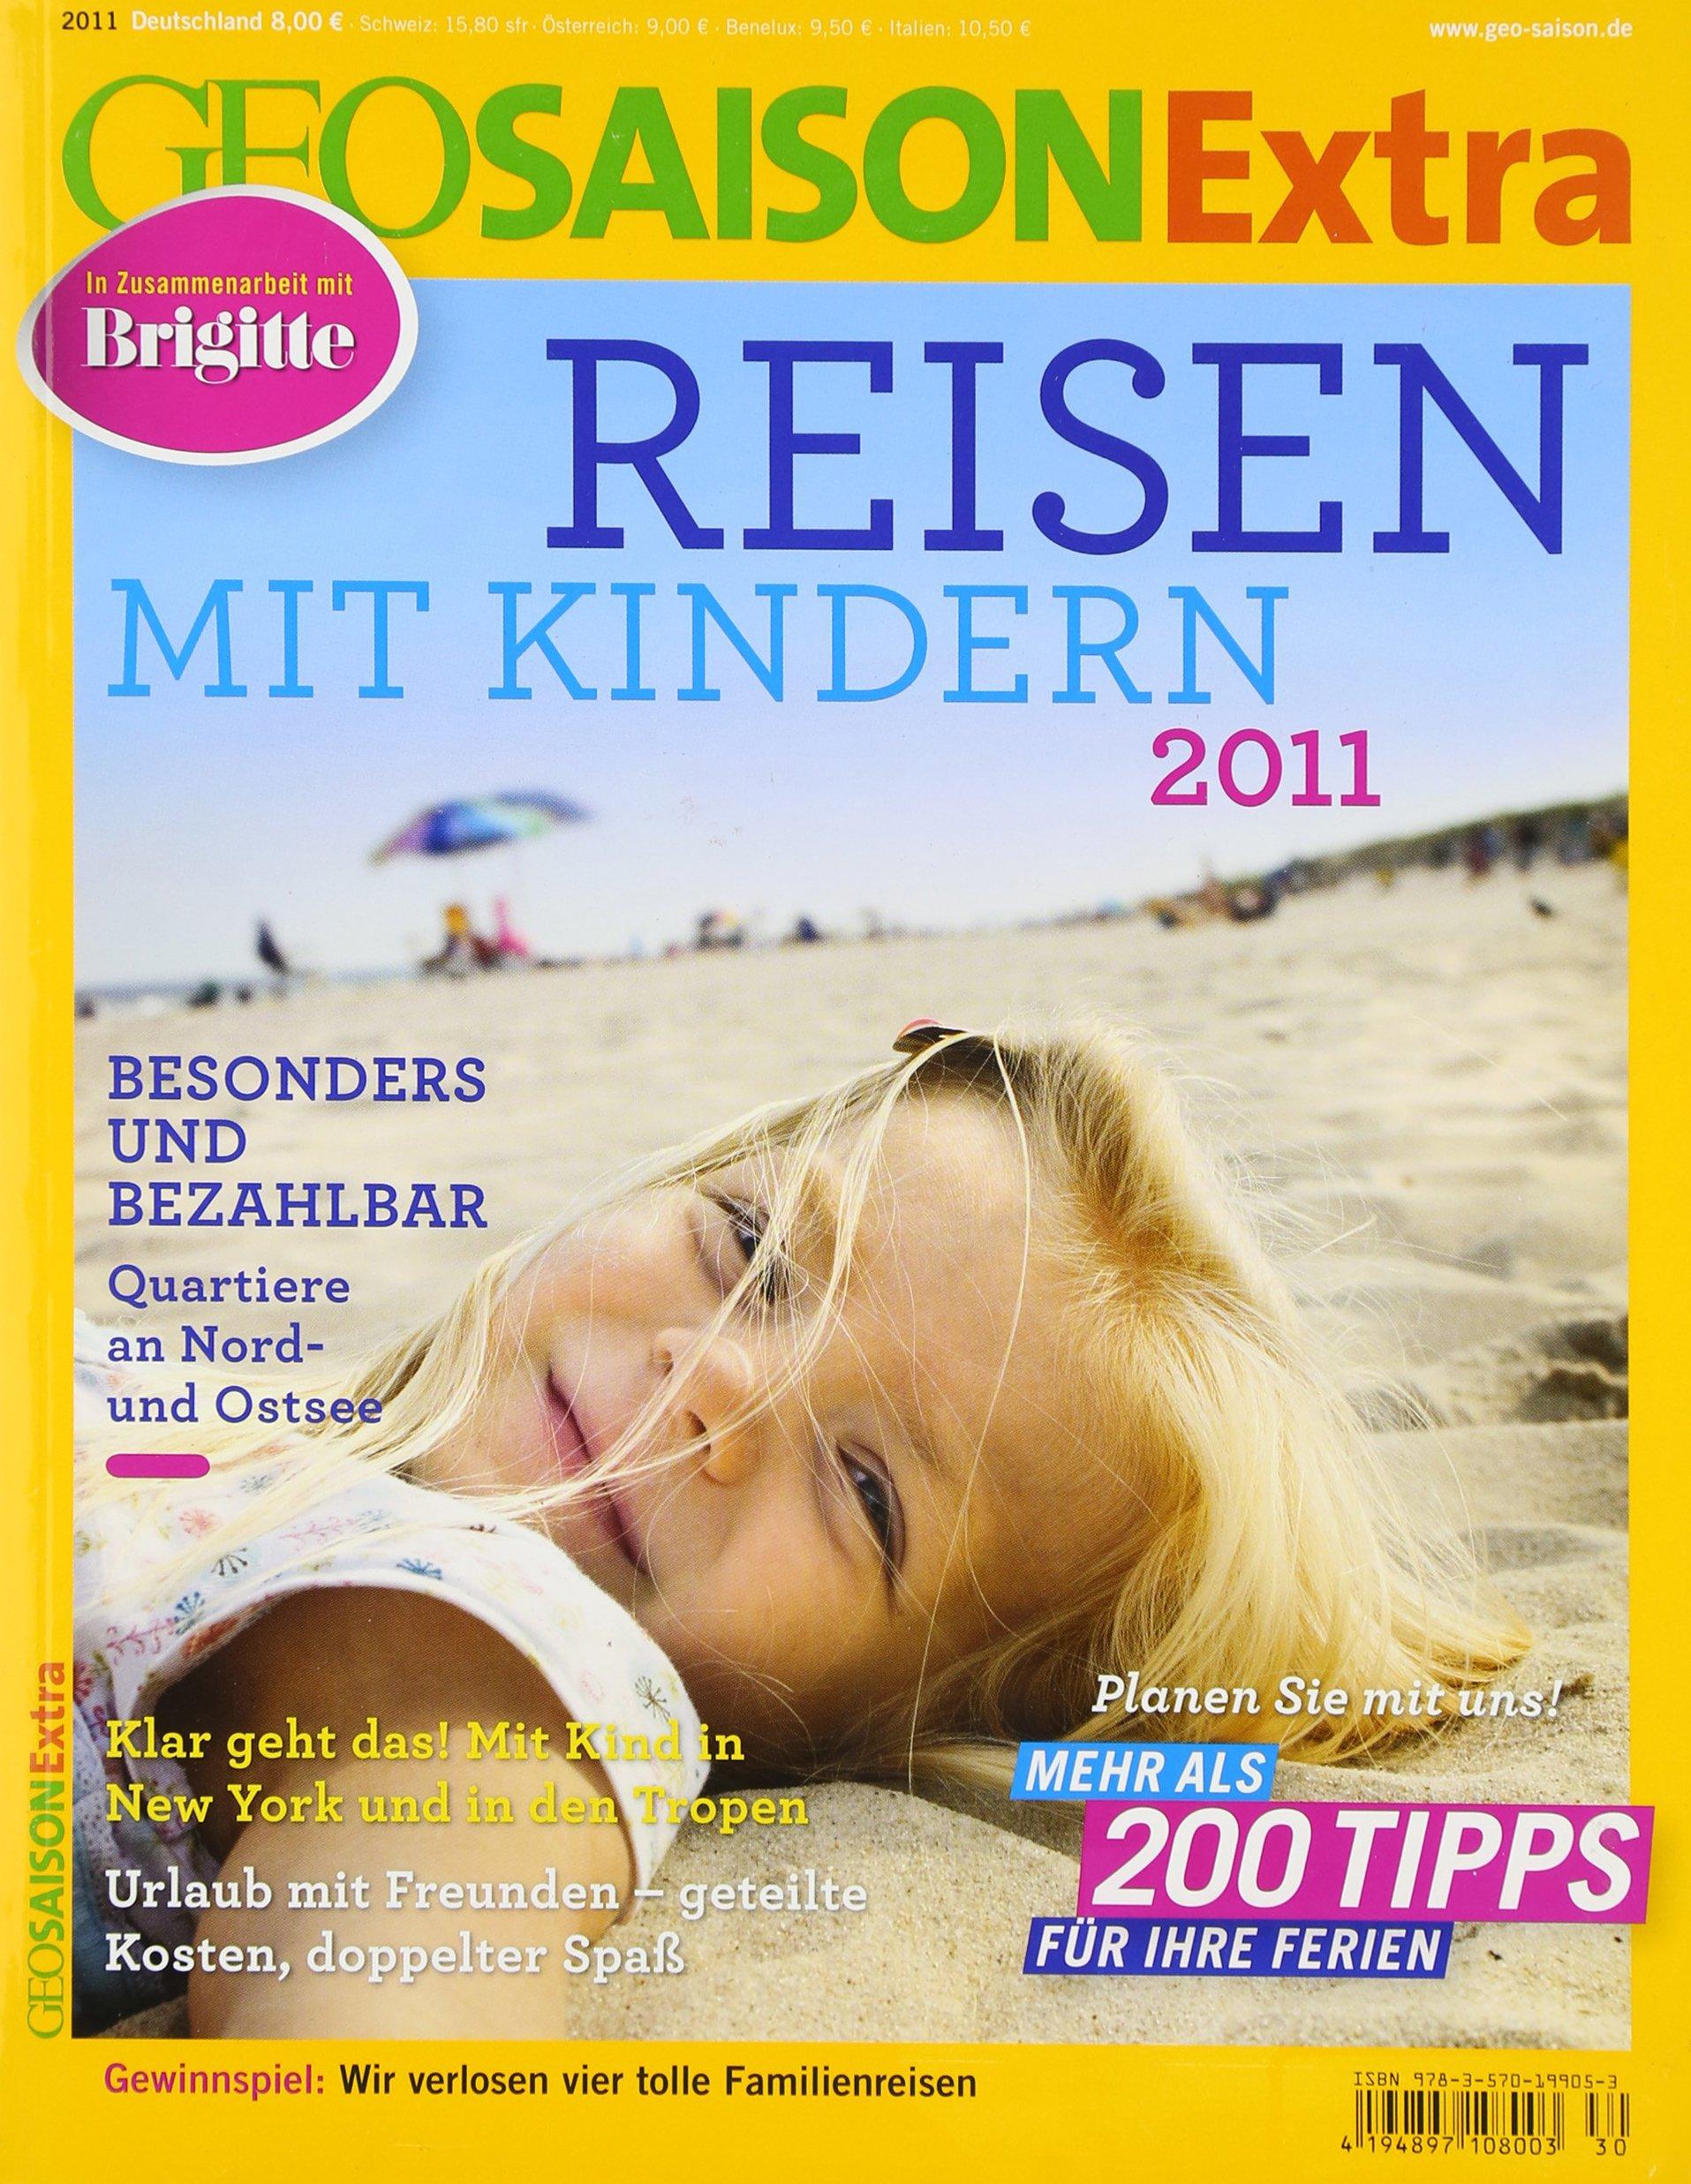 geo-saison-extra-reisen-mit-kindern-2011-30-2010-30-2011